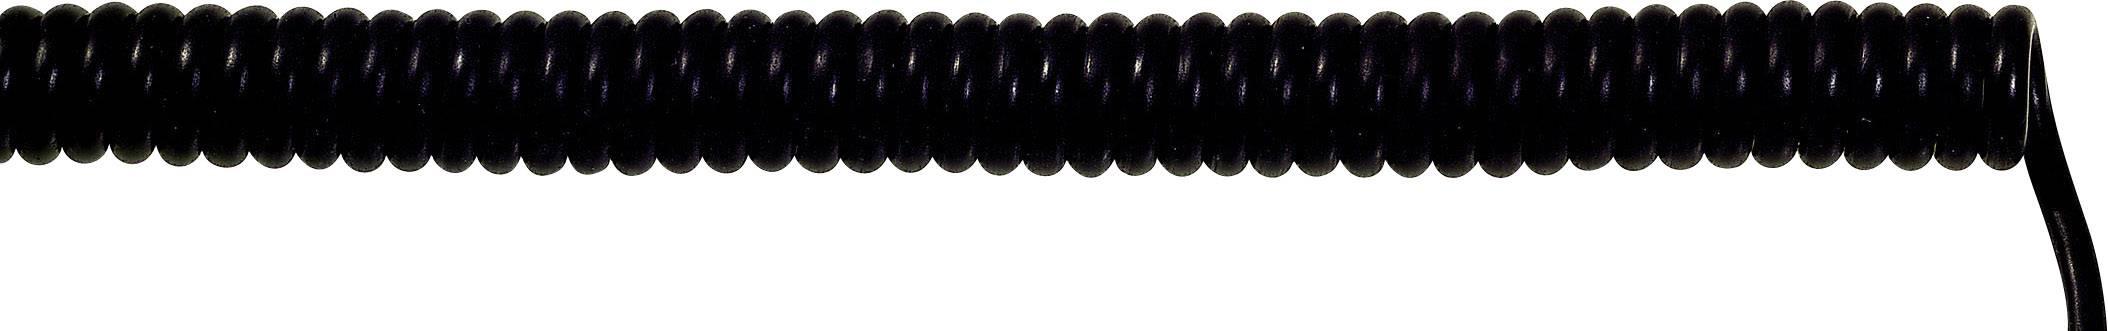 Špirálový kábel 73220208 UNITRONIC® SPIRAL 3 x 0.14 mm², 400 mm / 1600 mm, čierna